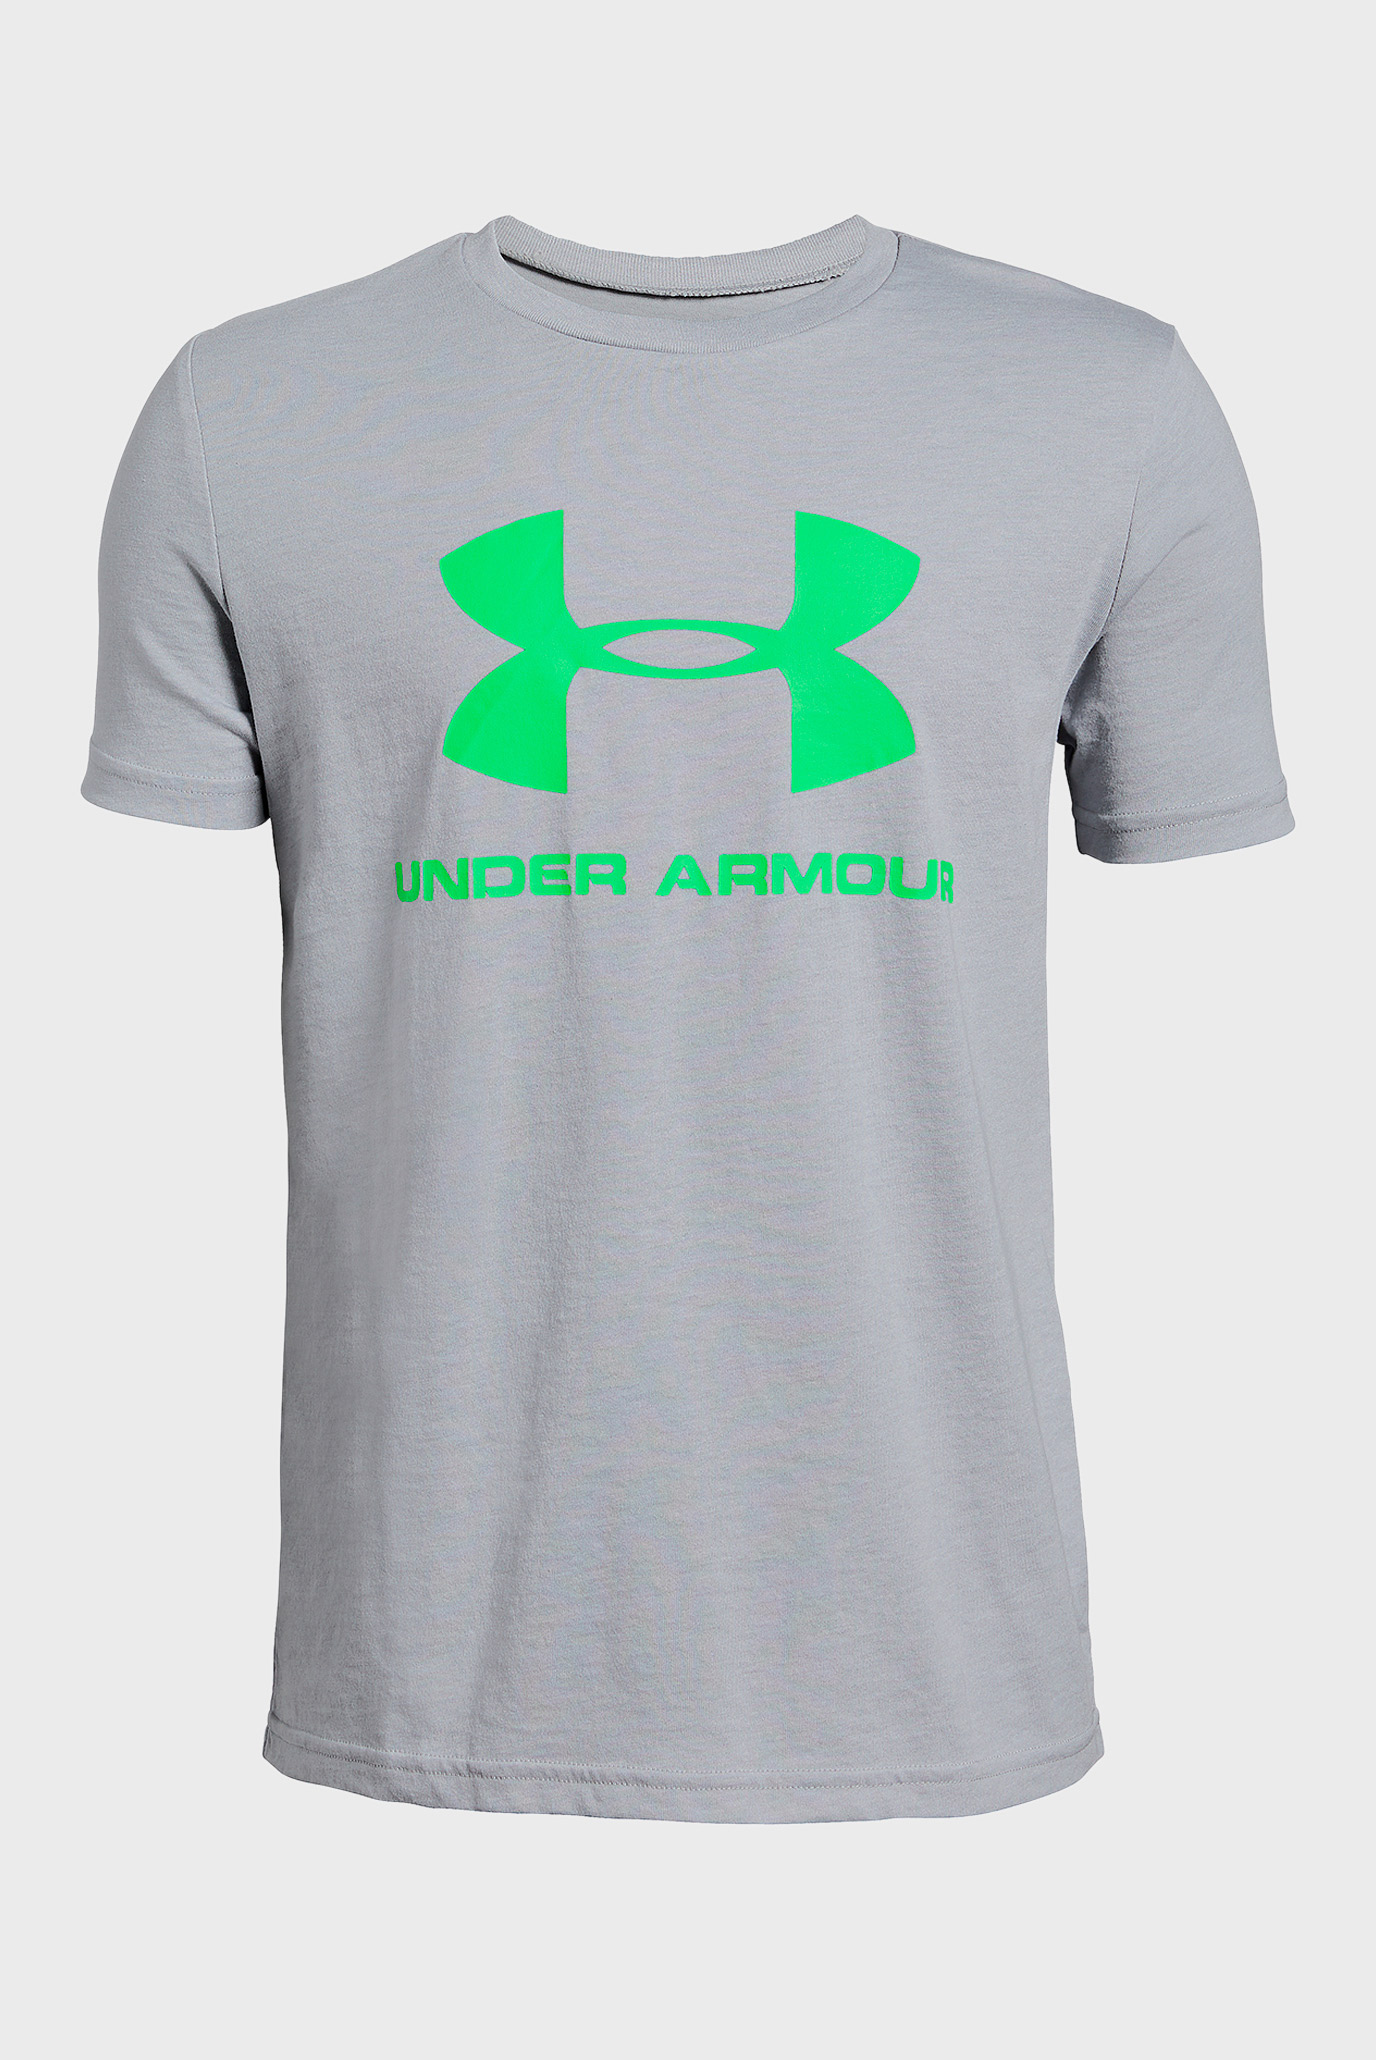 Купить Детская серая футболка Sportstyle Logo Under Armour Under Armour 1330893-011 – Киев, Украина. Цены в интернет магазине MD Fashion